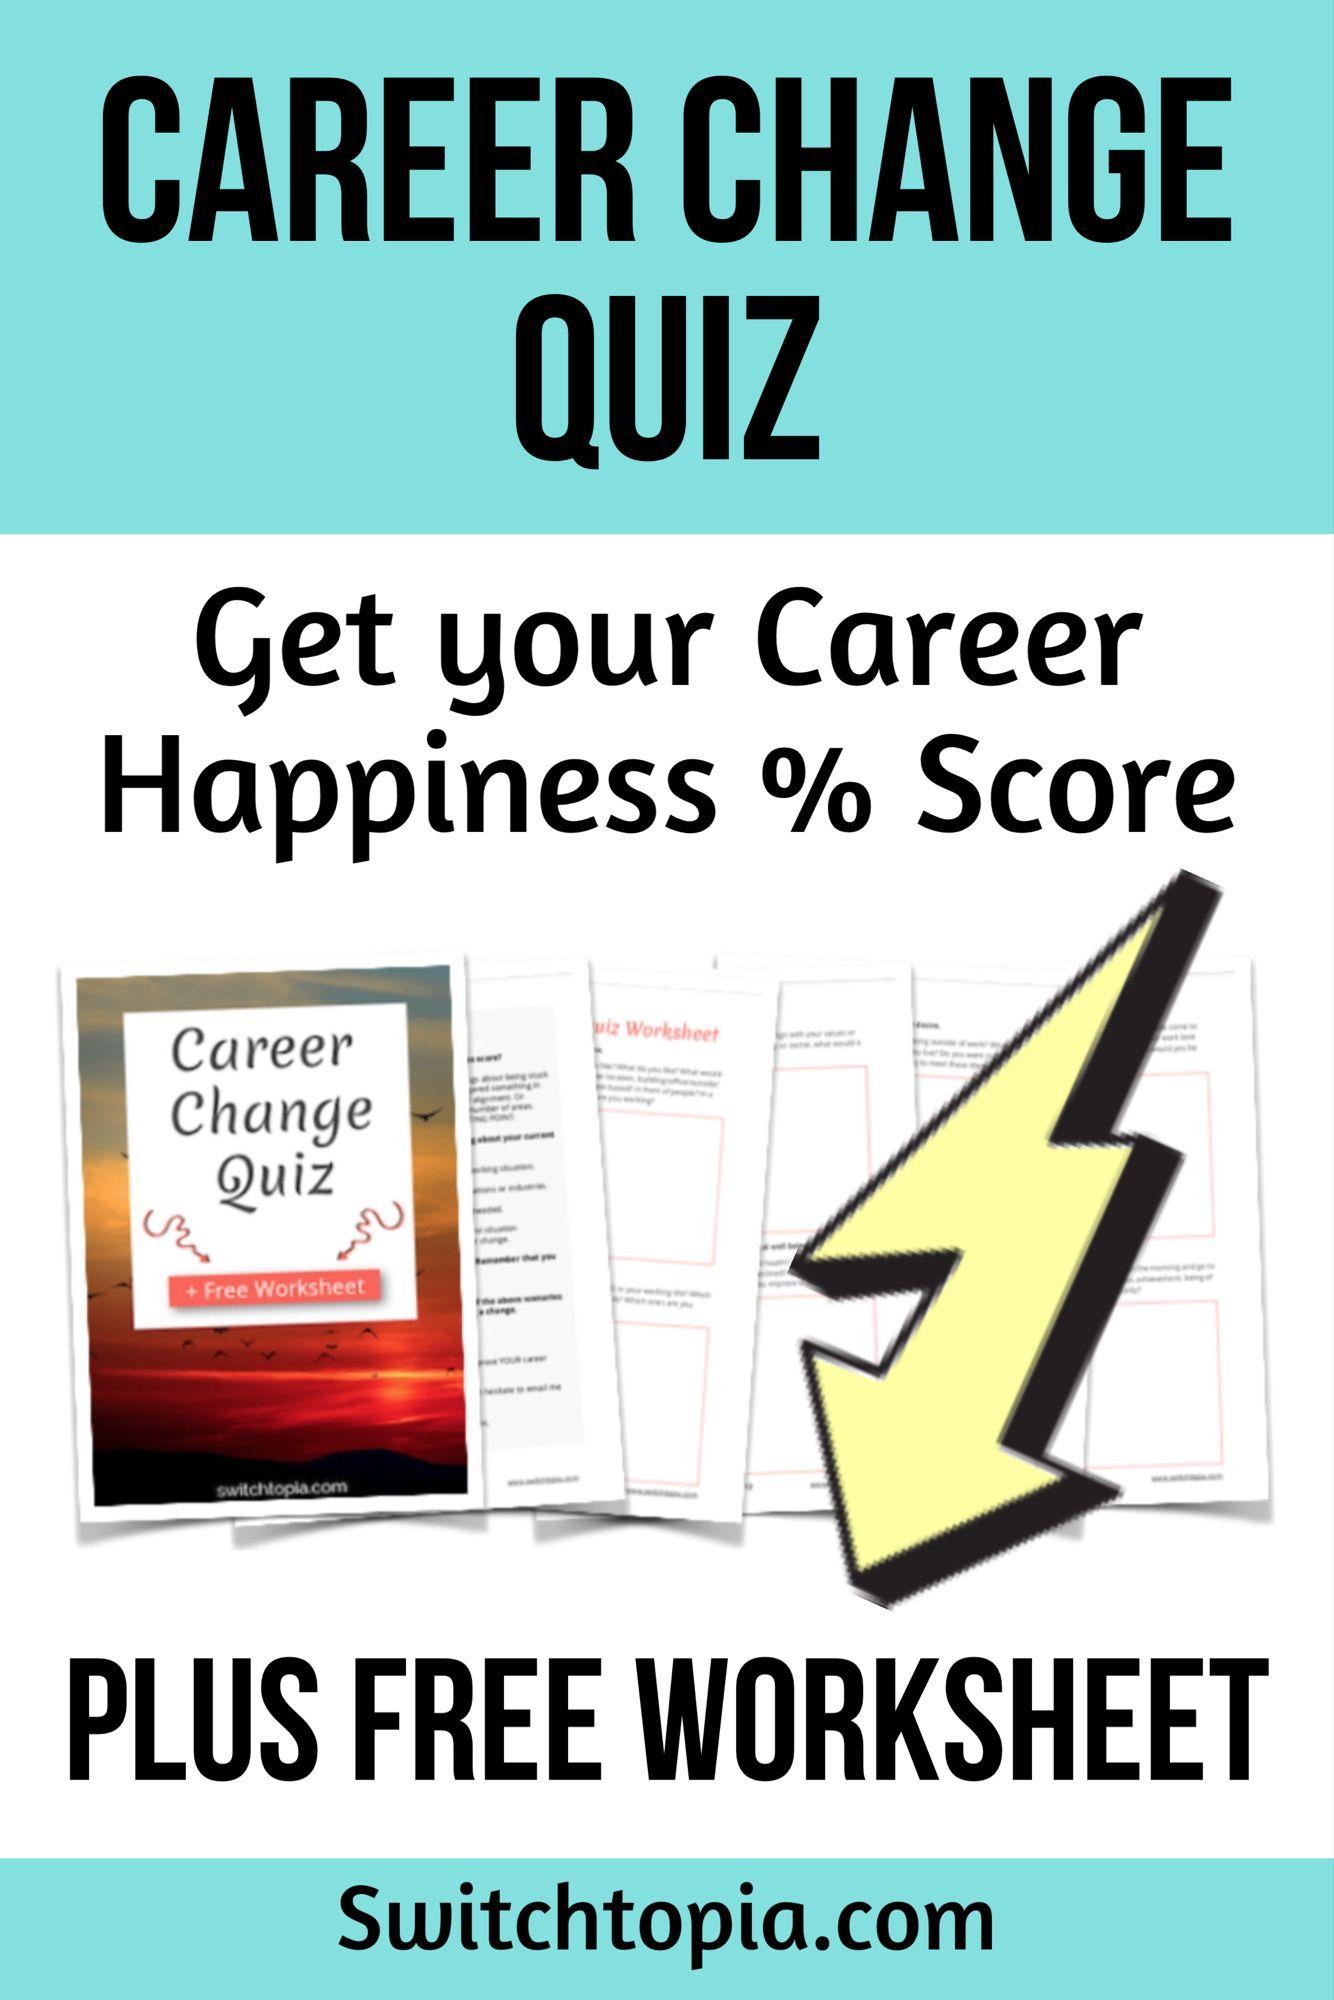 Career Change Quiz